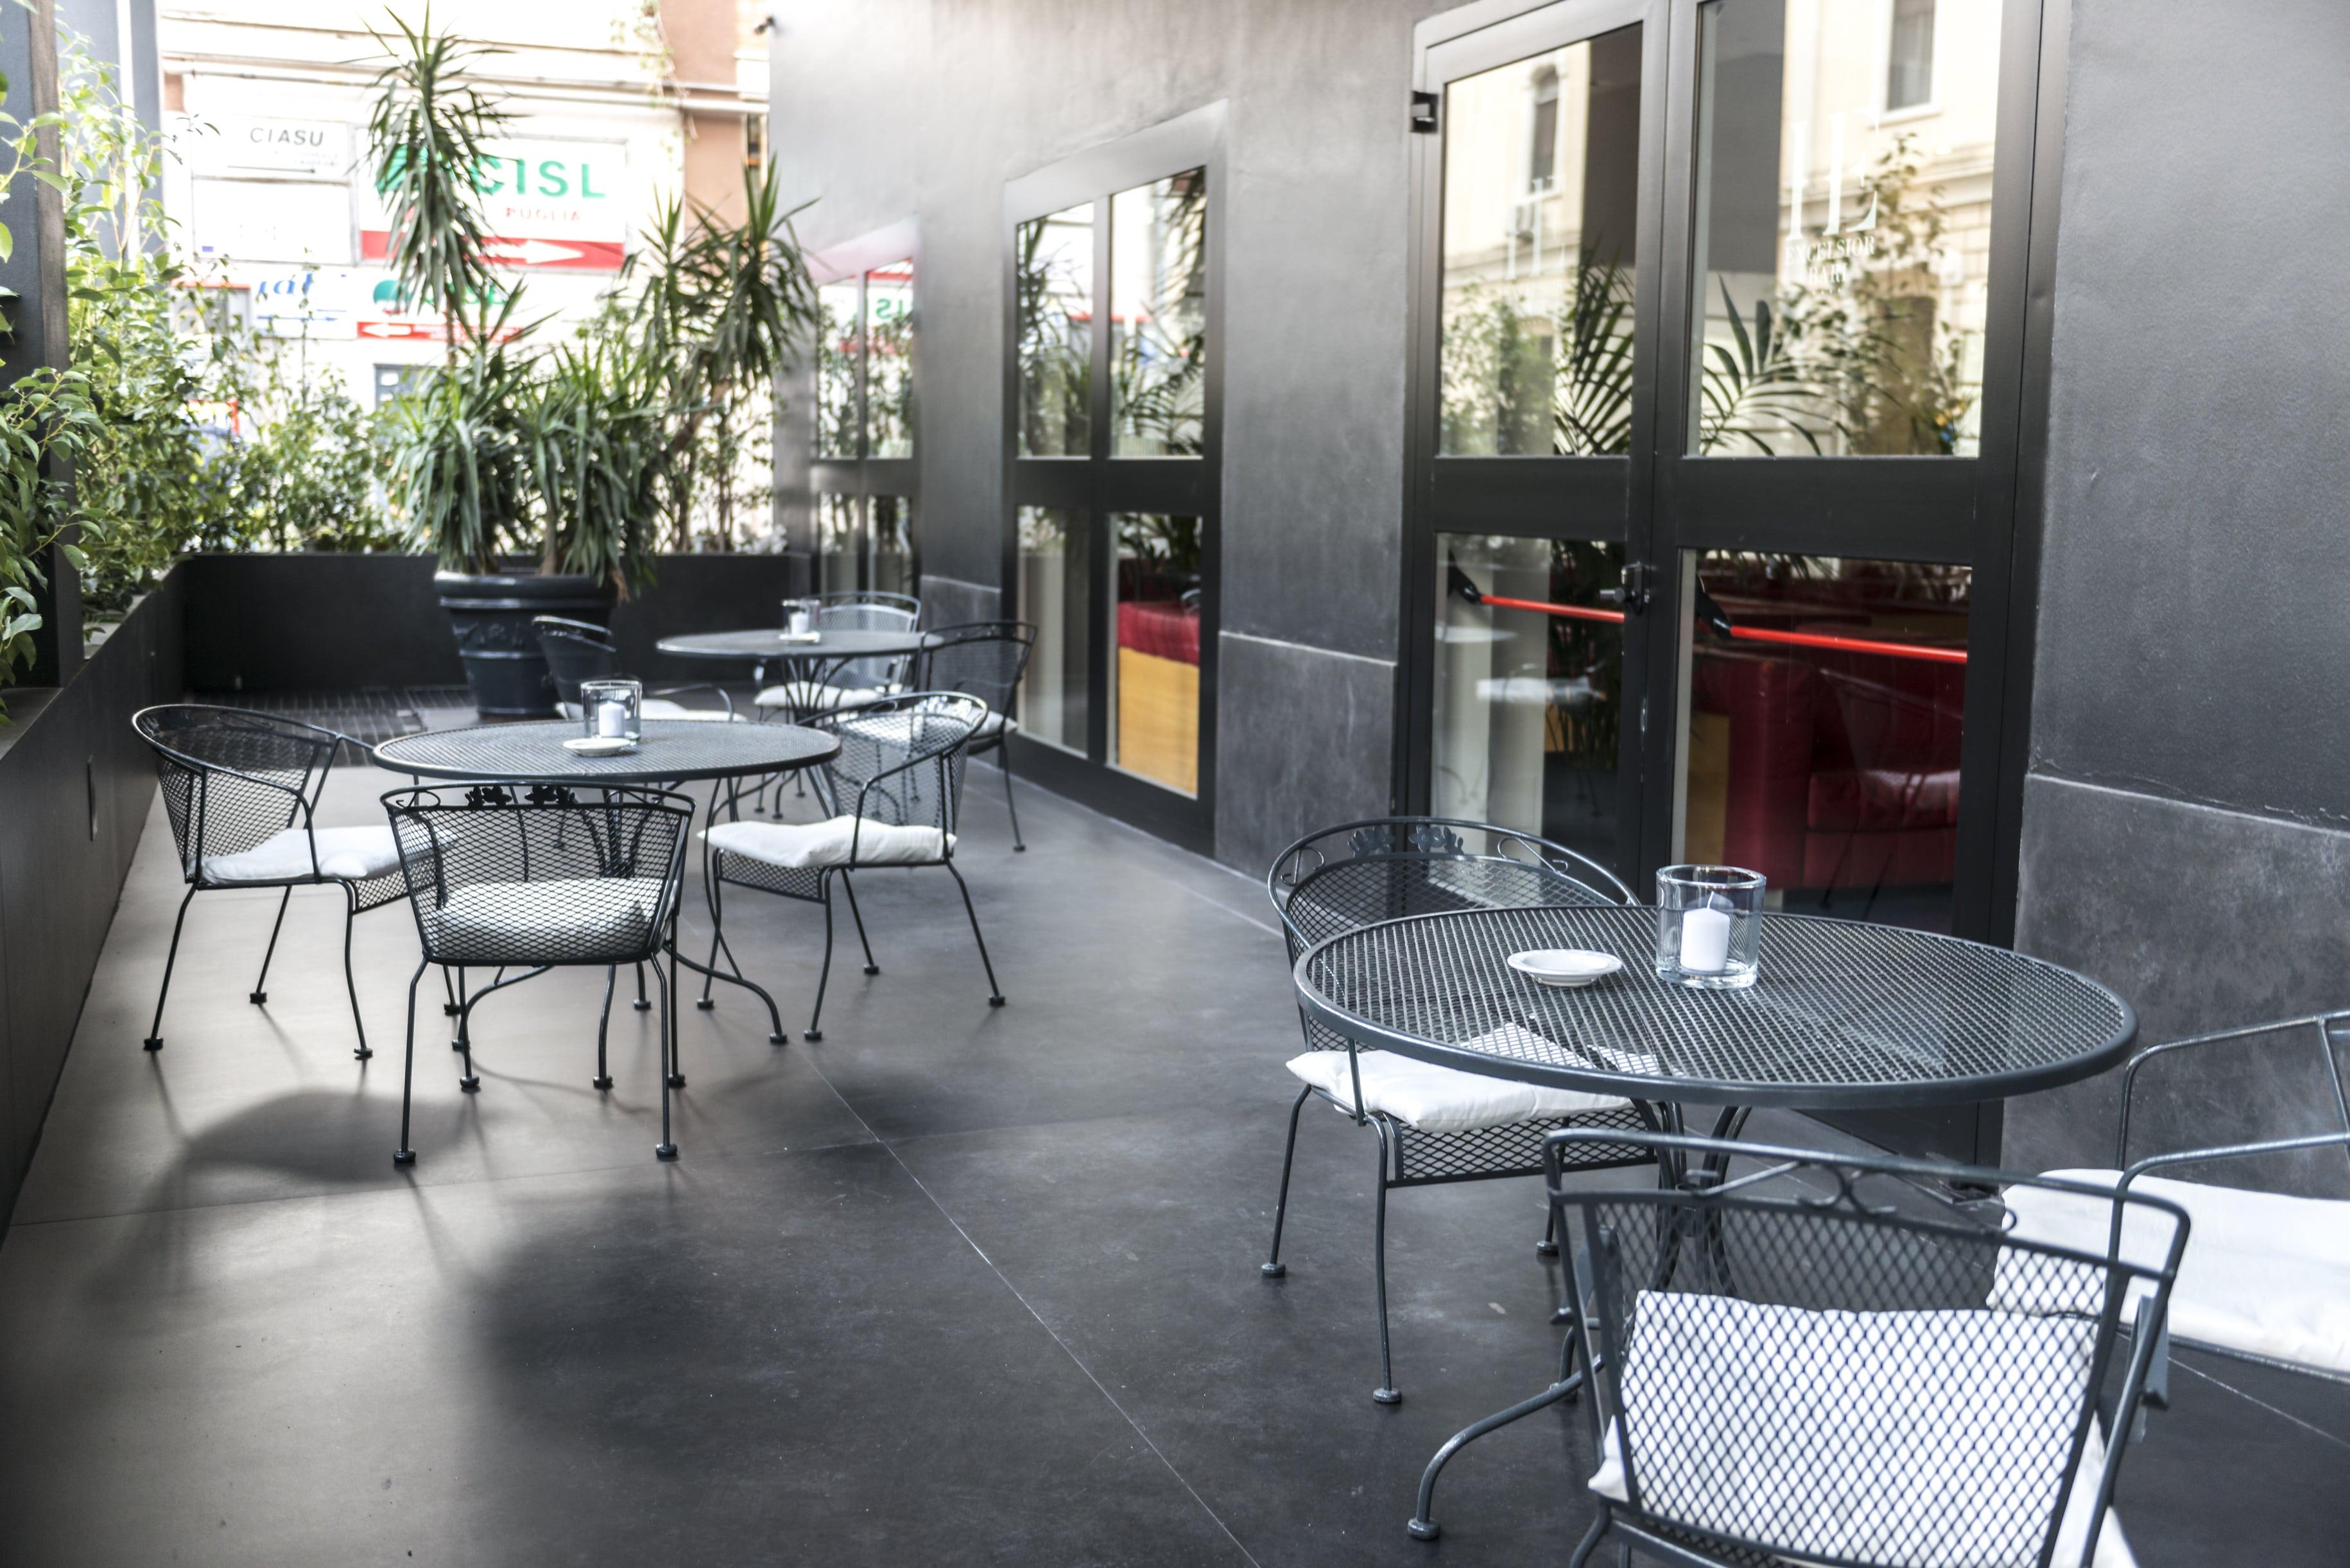 ingresso_hotel_excelsior_bari_struttura_per_soggiorni_riunioni_eventi_convegni_via_petroni_centro (9)